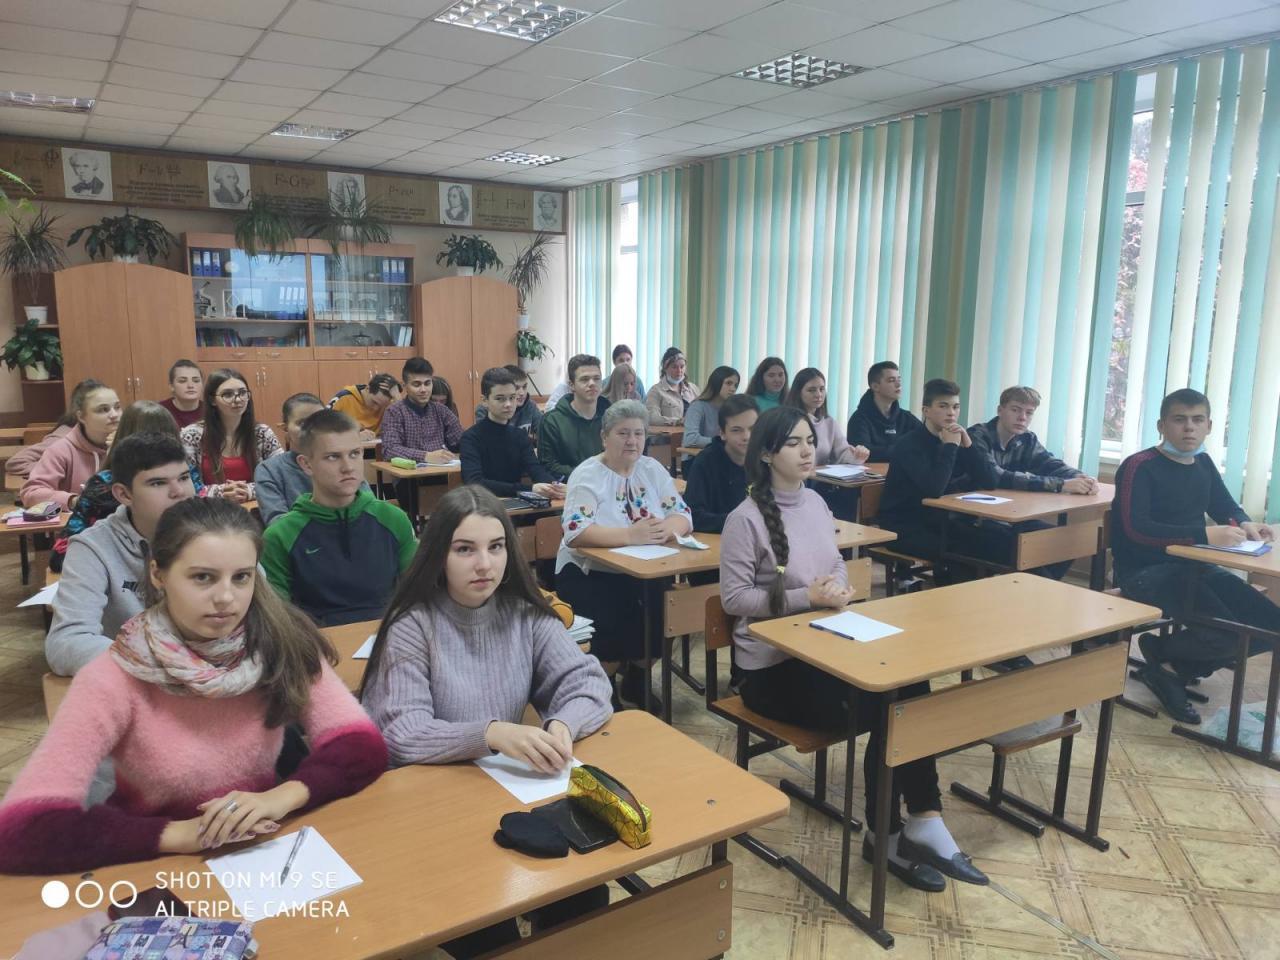 http://dunrada.gov.ua/uploadfile/archive_news/2020/11/09/2020-11-09_7266/images/images-33916.jpg